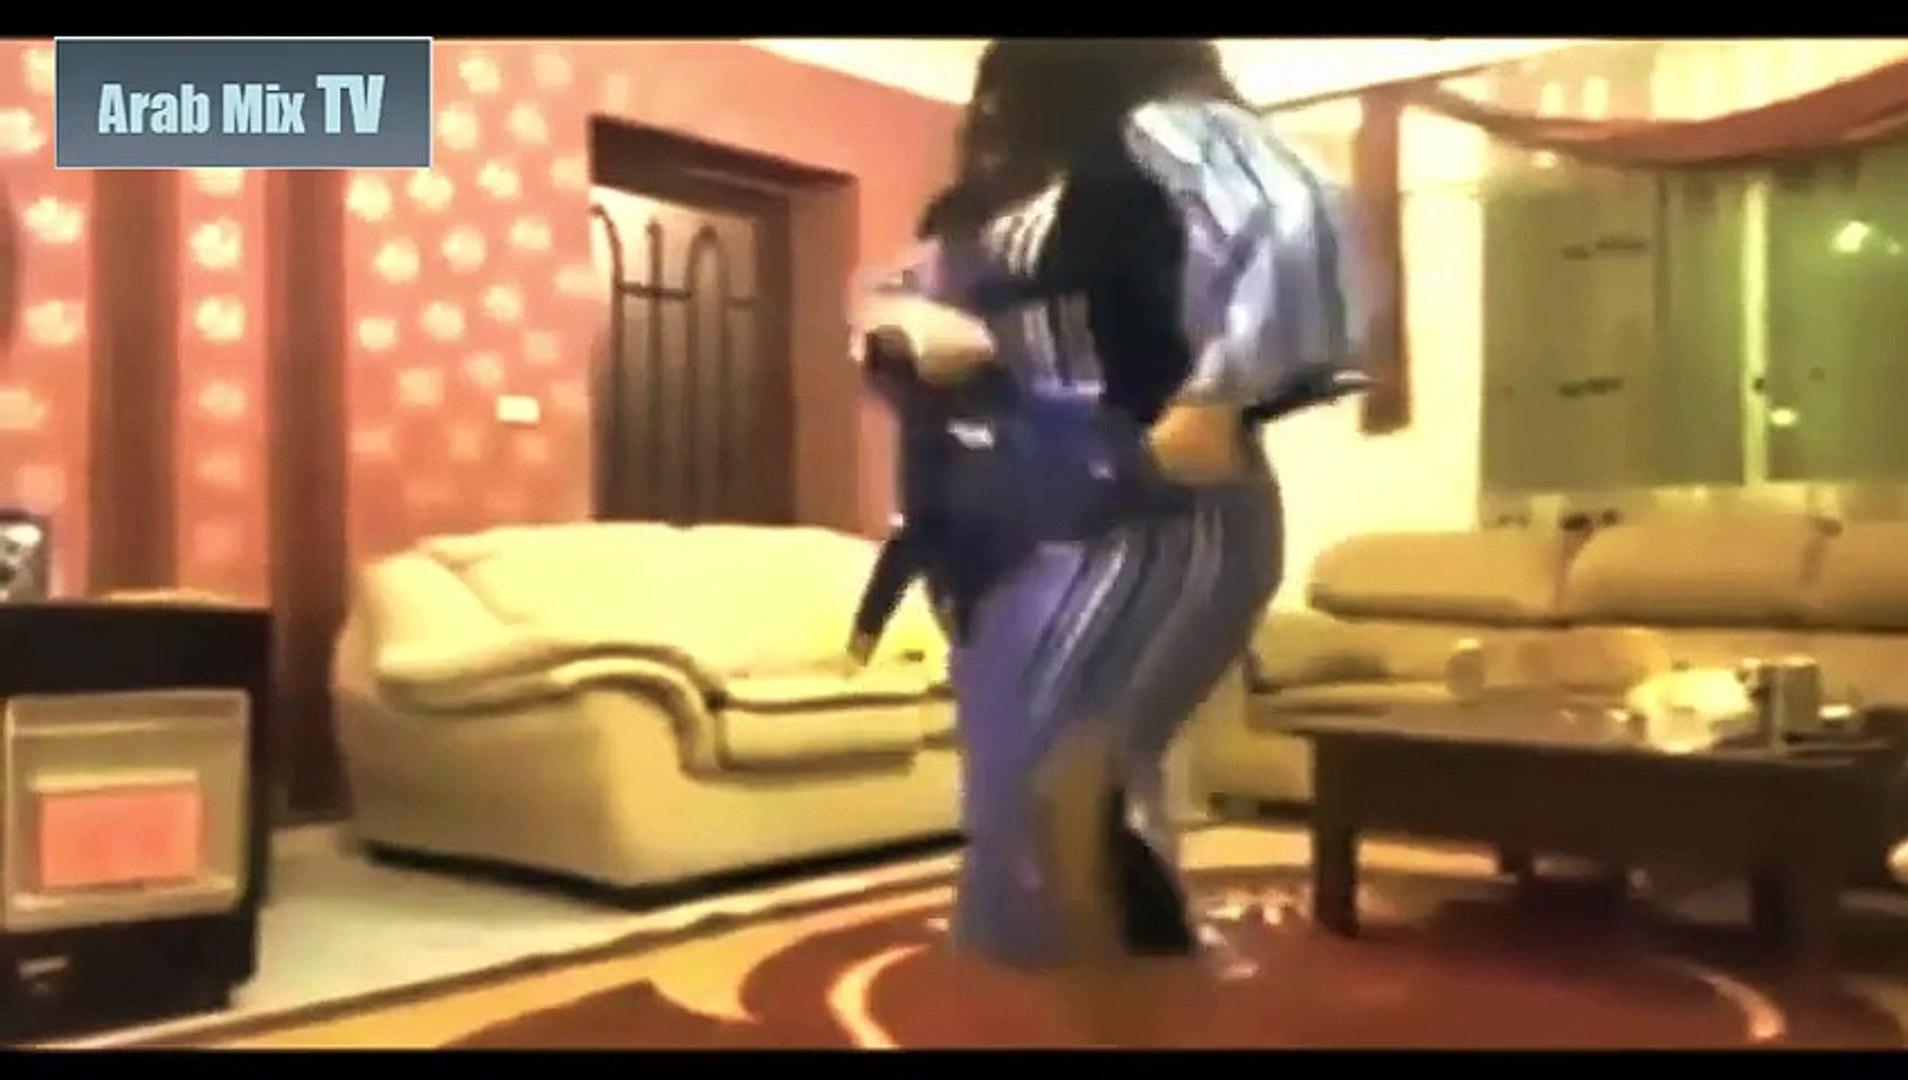 رقص معلاية من العيار الثقيل - رقص مصري خليجي دقني ساخن جدا - رقص بالمؤخرة ملوش نهايه خالص